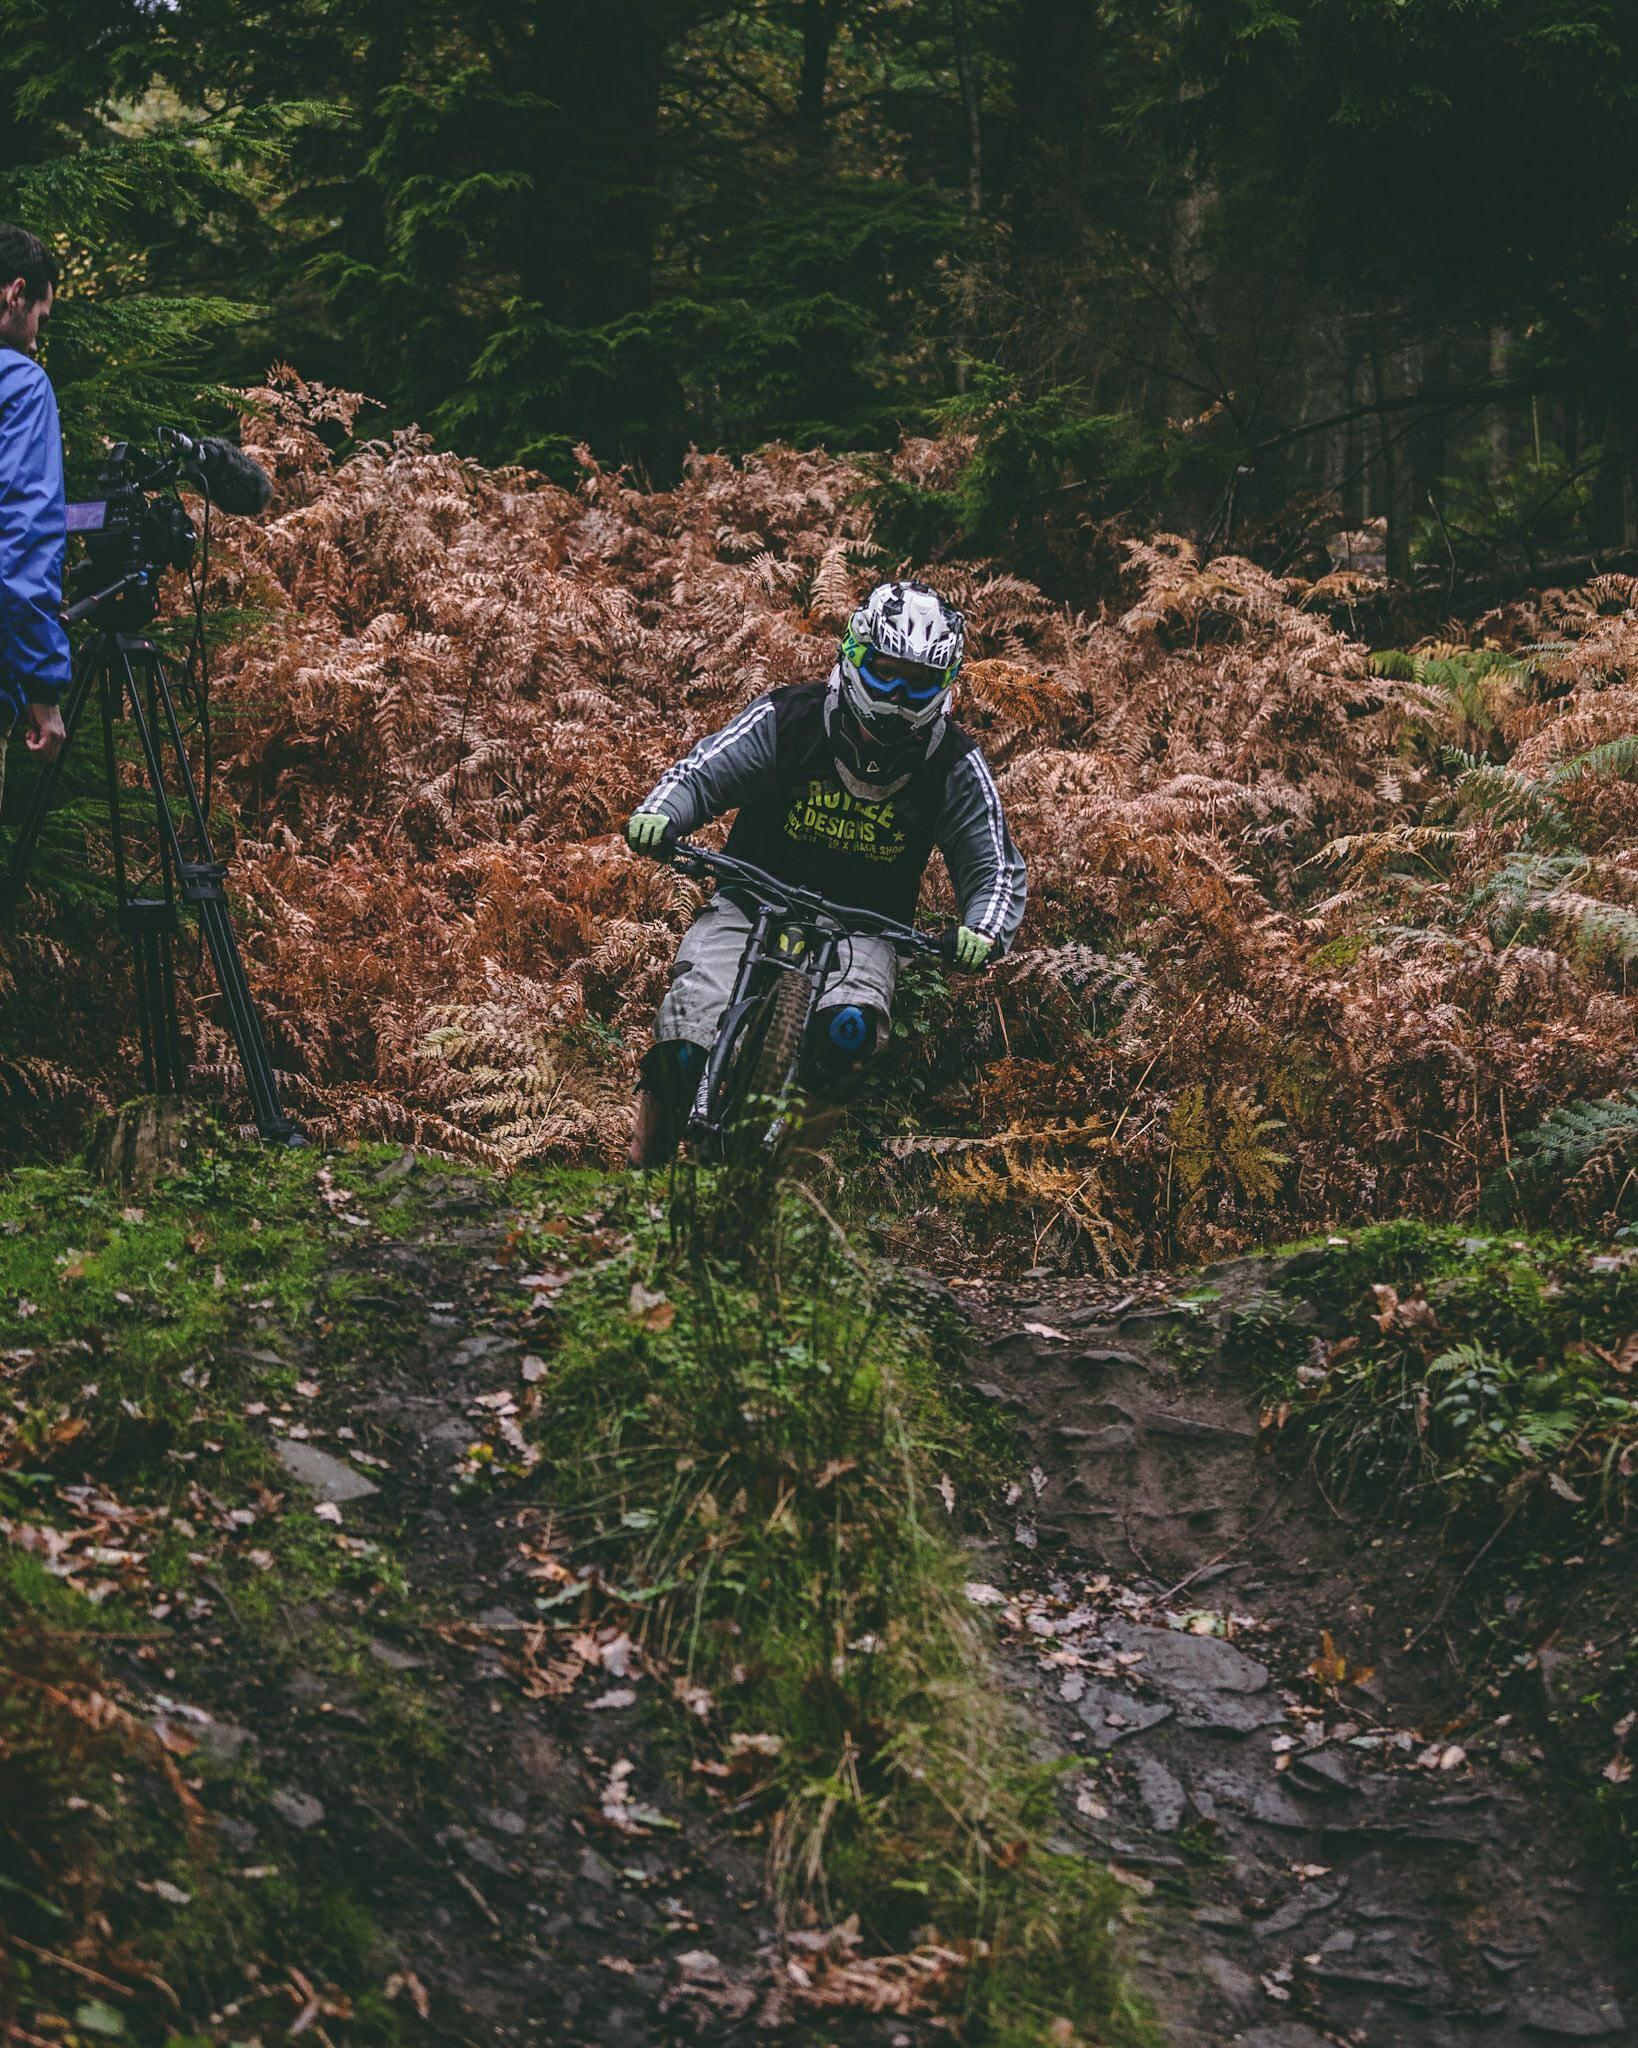 Lewis Jones Mountain Biker